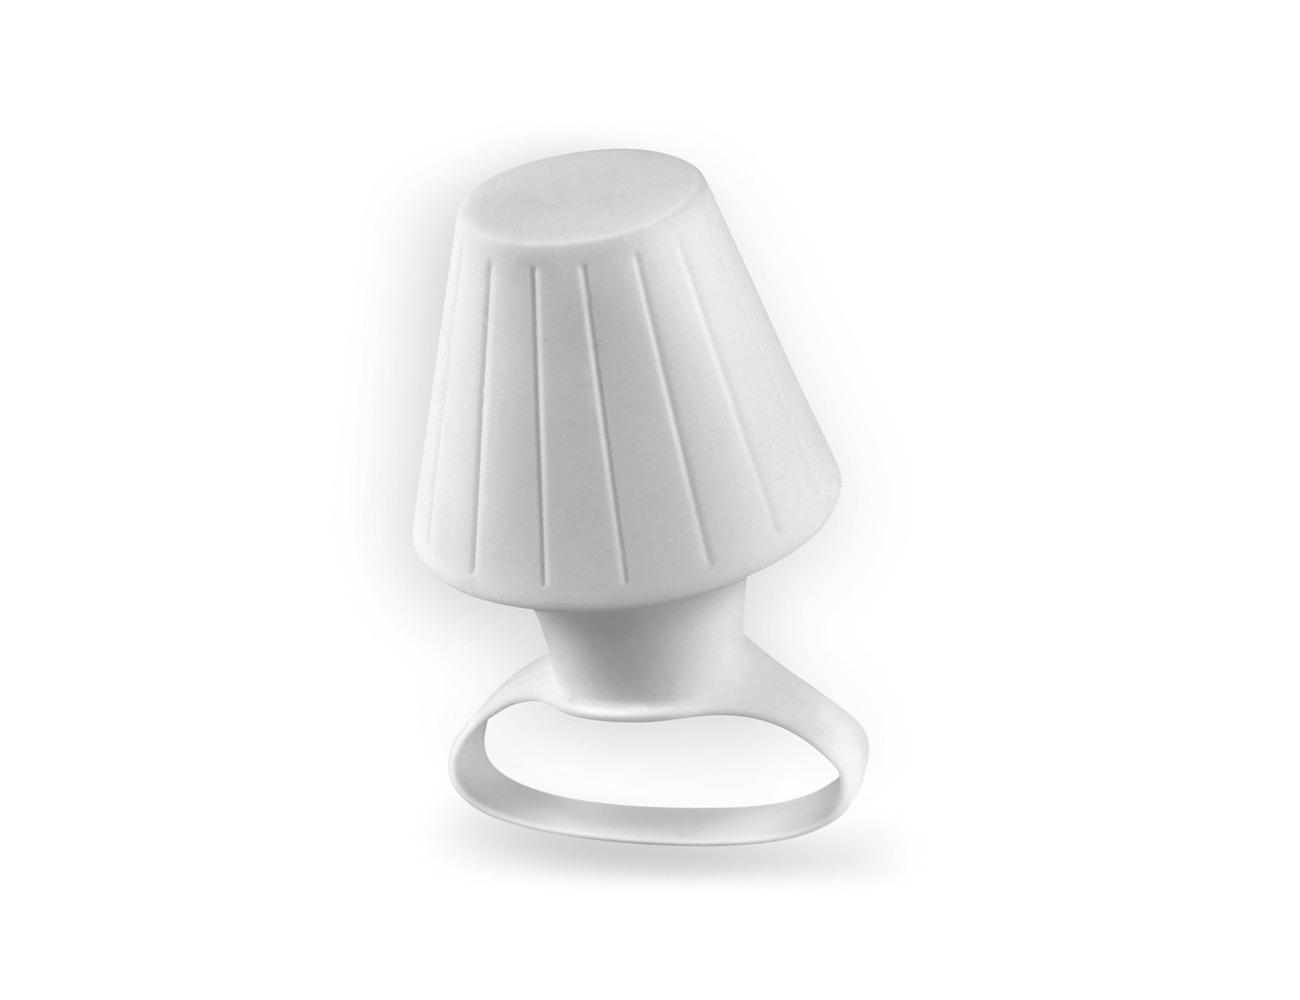 Travelamp Light Diffuser